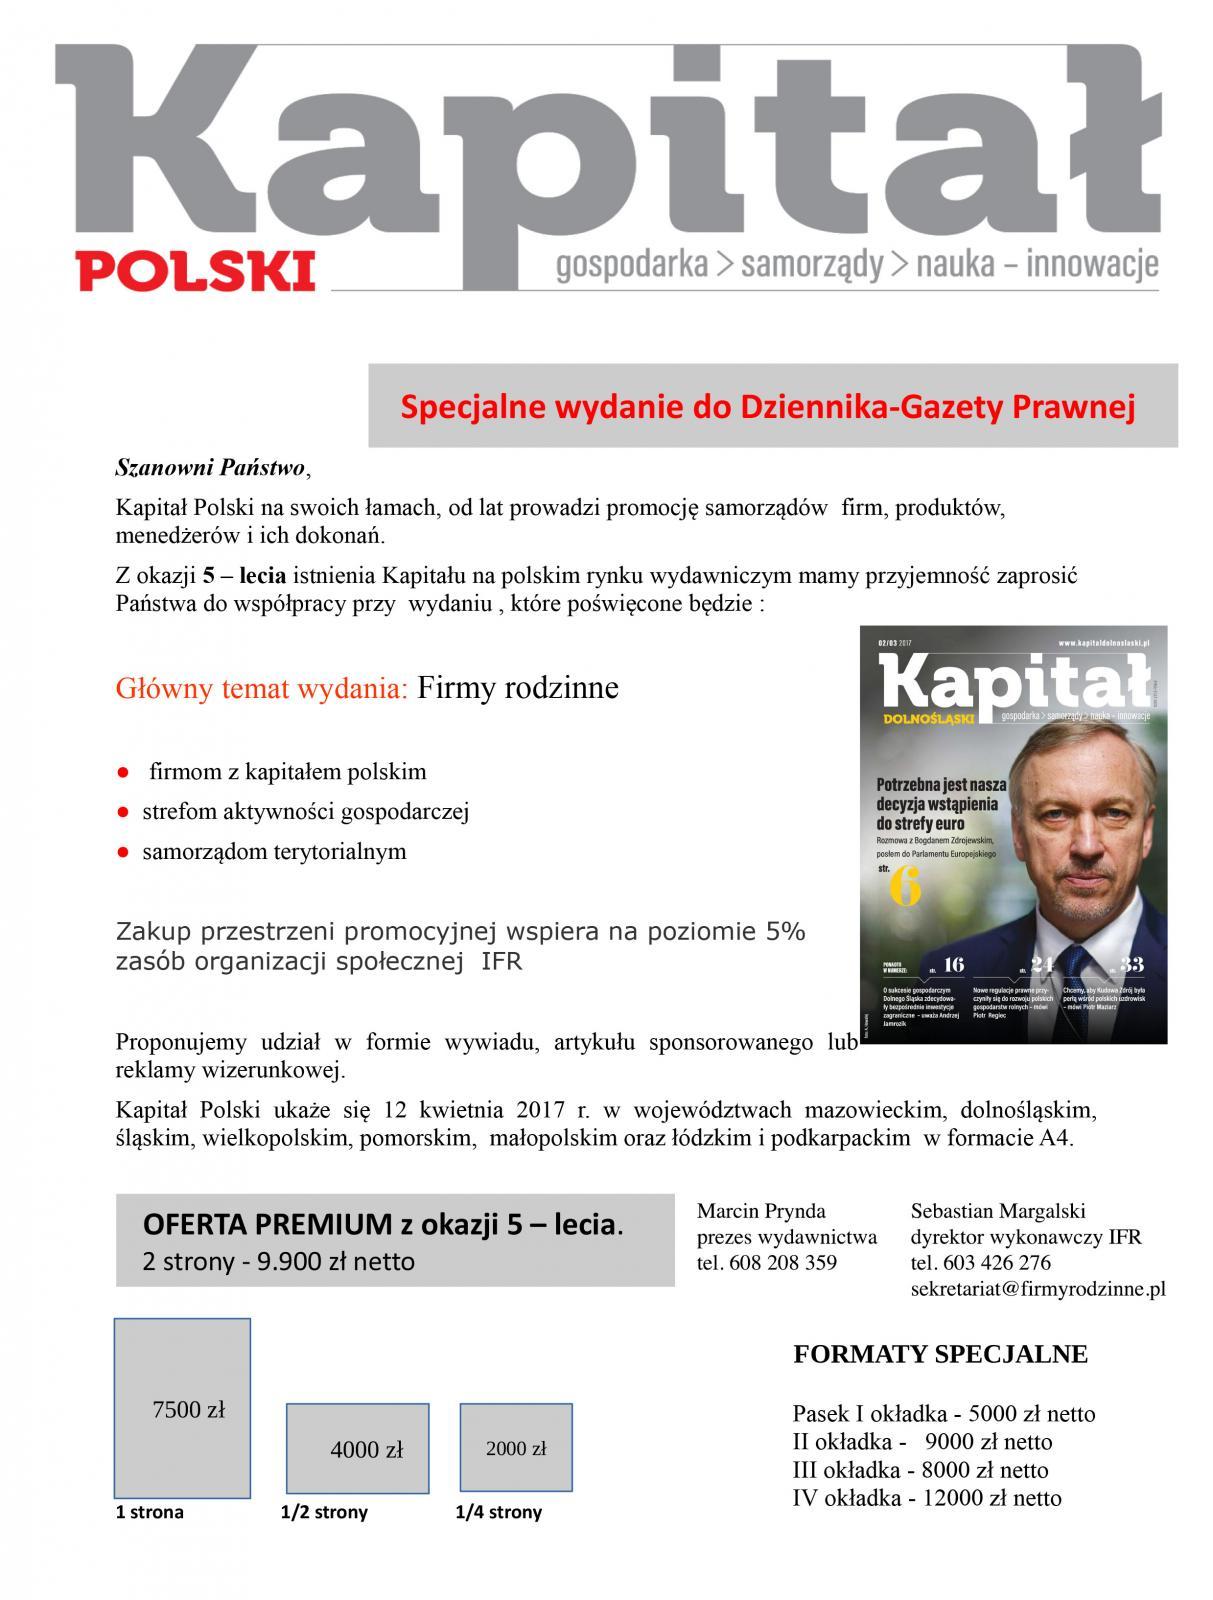 kapital_polski_firmy_rodzinne